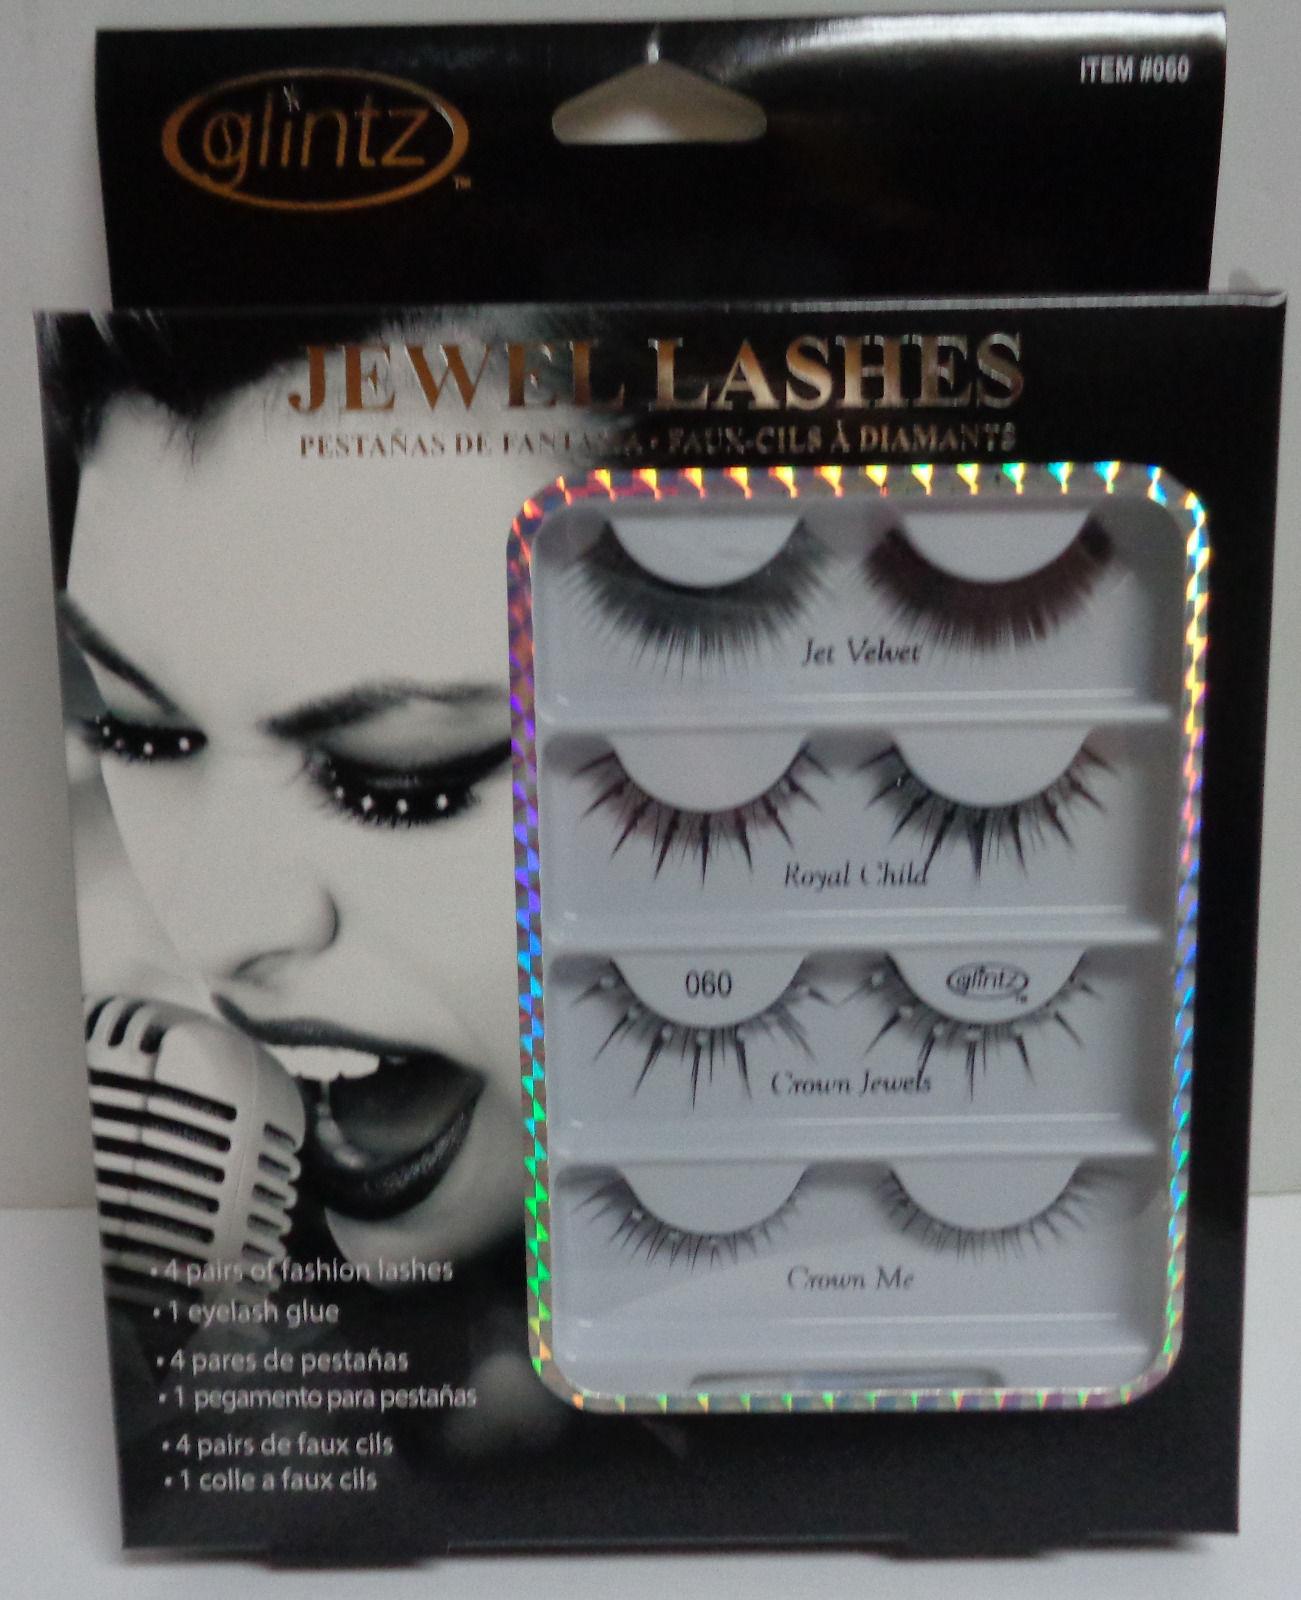 c2f2acaab53 Jewel. Jewel. Previous. GLINTZ FASHION JEWEL LASHES SET NIB CLUB PARTY 4  pairs & 1 eyelash glue. GLINTZ FASHION JEWEL LASHES ...